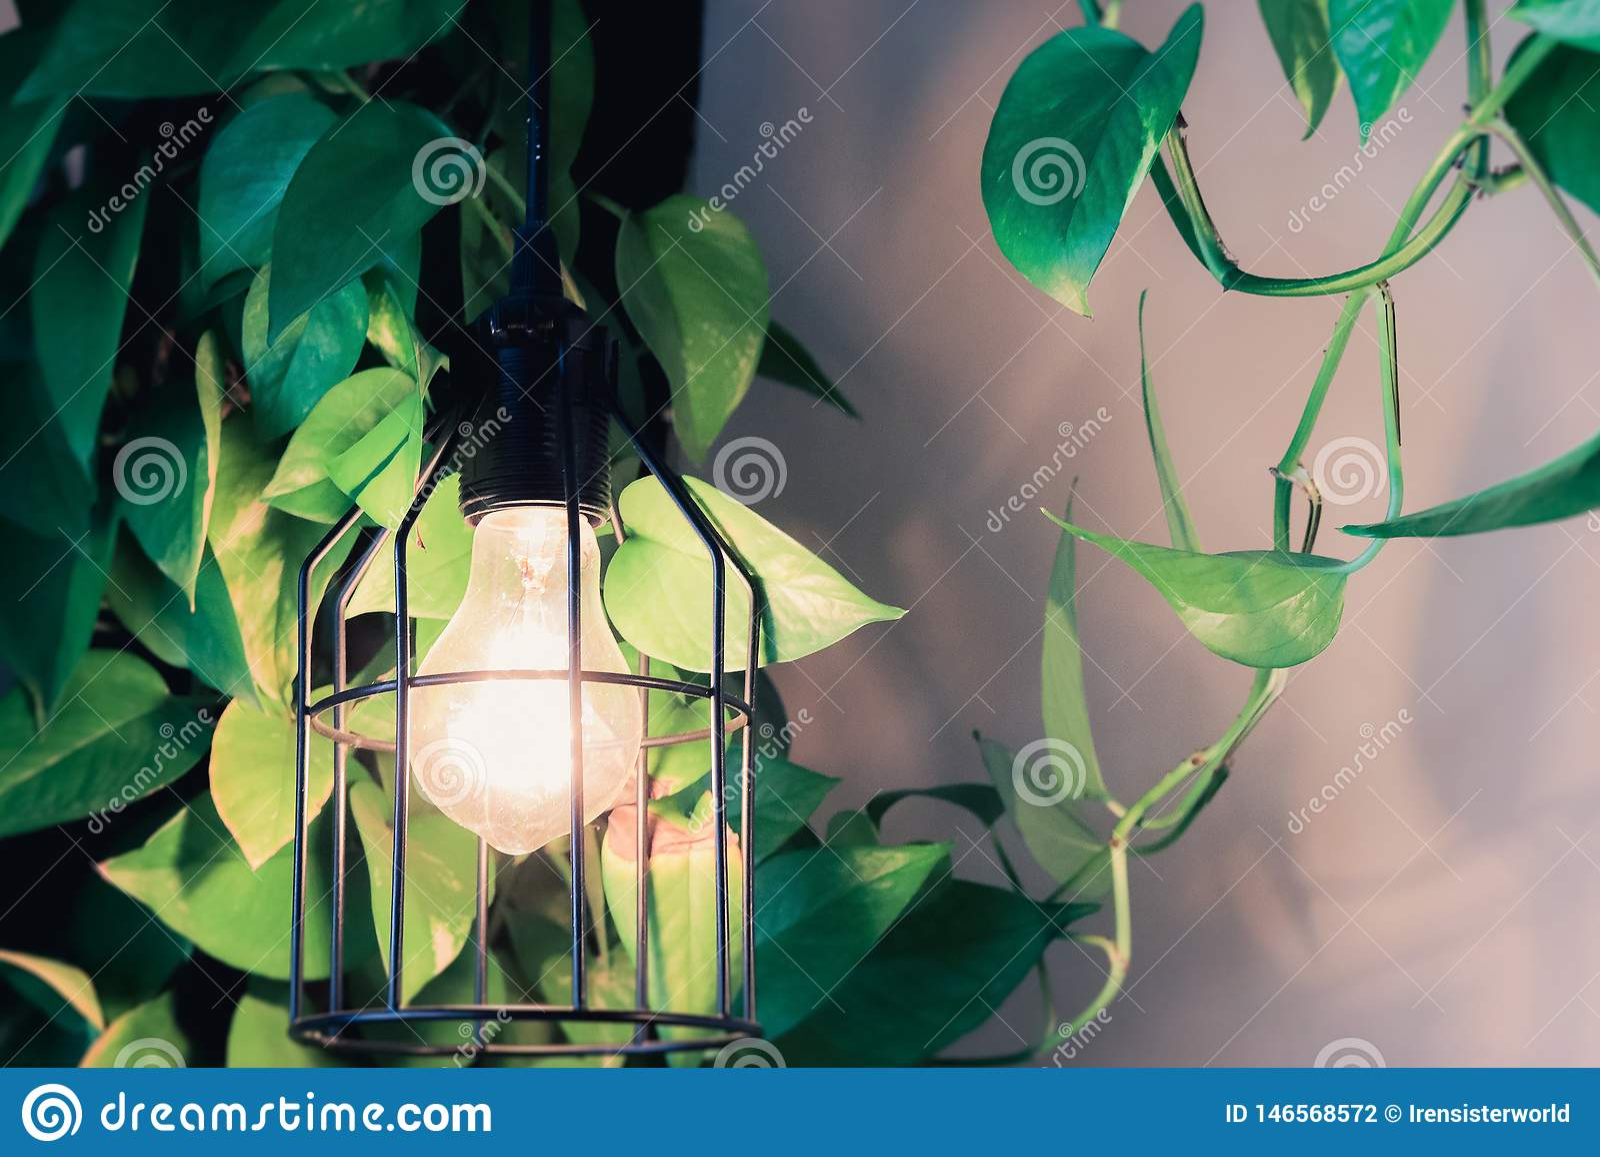 Home decoration botanic style